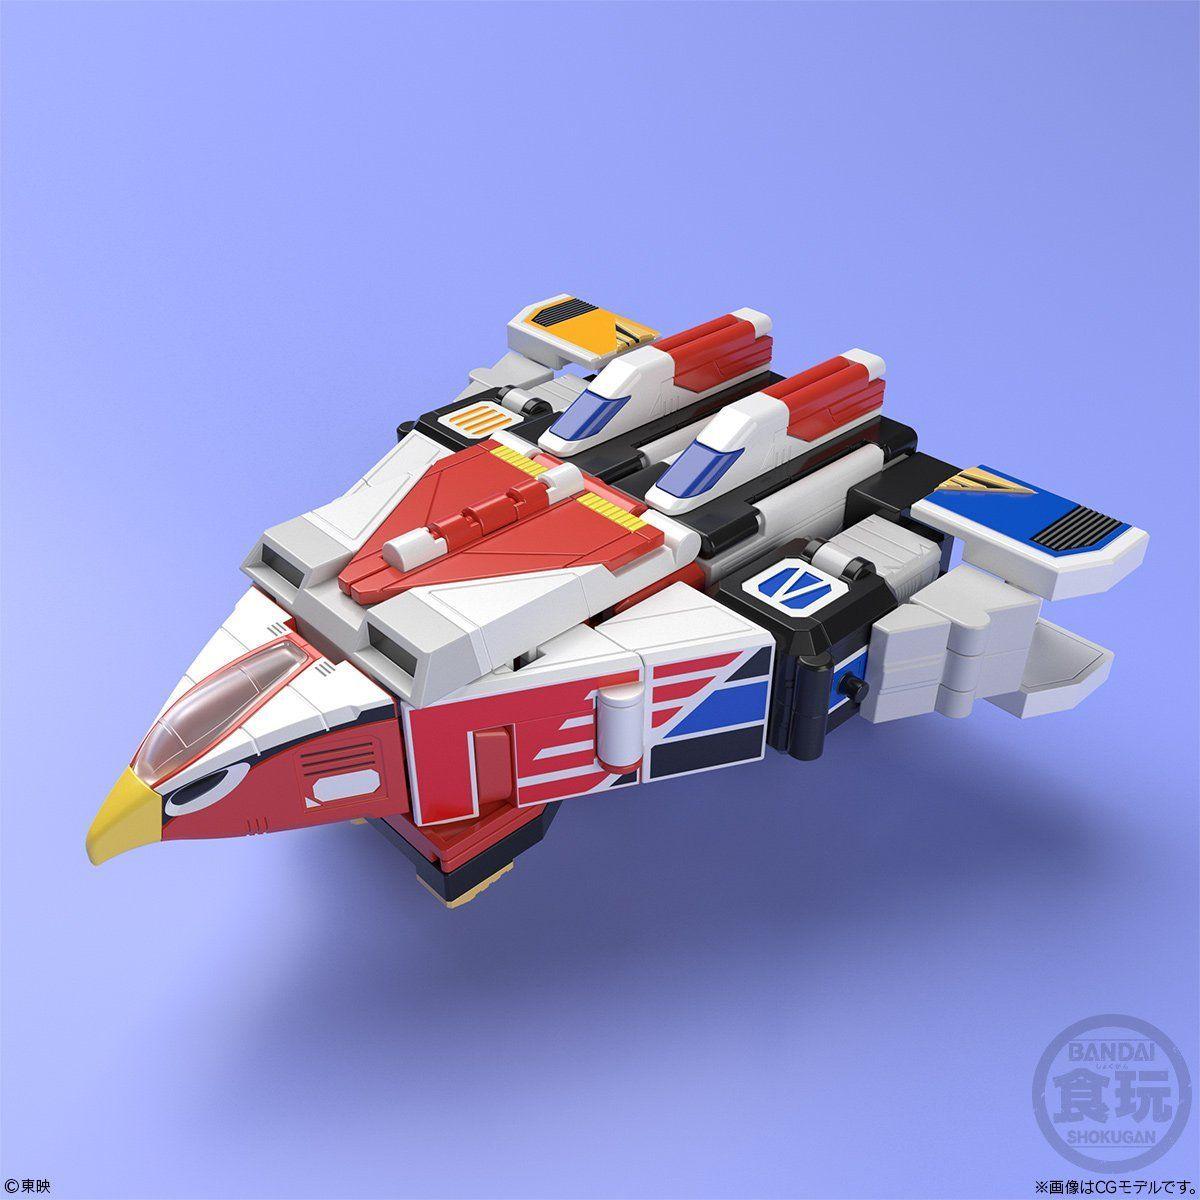 【食玩】スーパーミニプラ『天空合体 ジェットイカロス』鳥人戦隊ジェットマン プラモデル 5個入りBOX-008